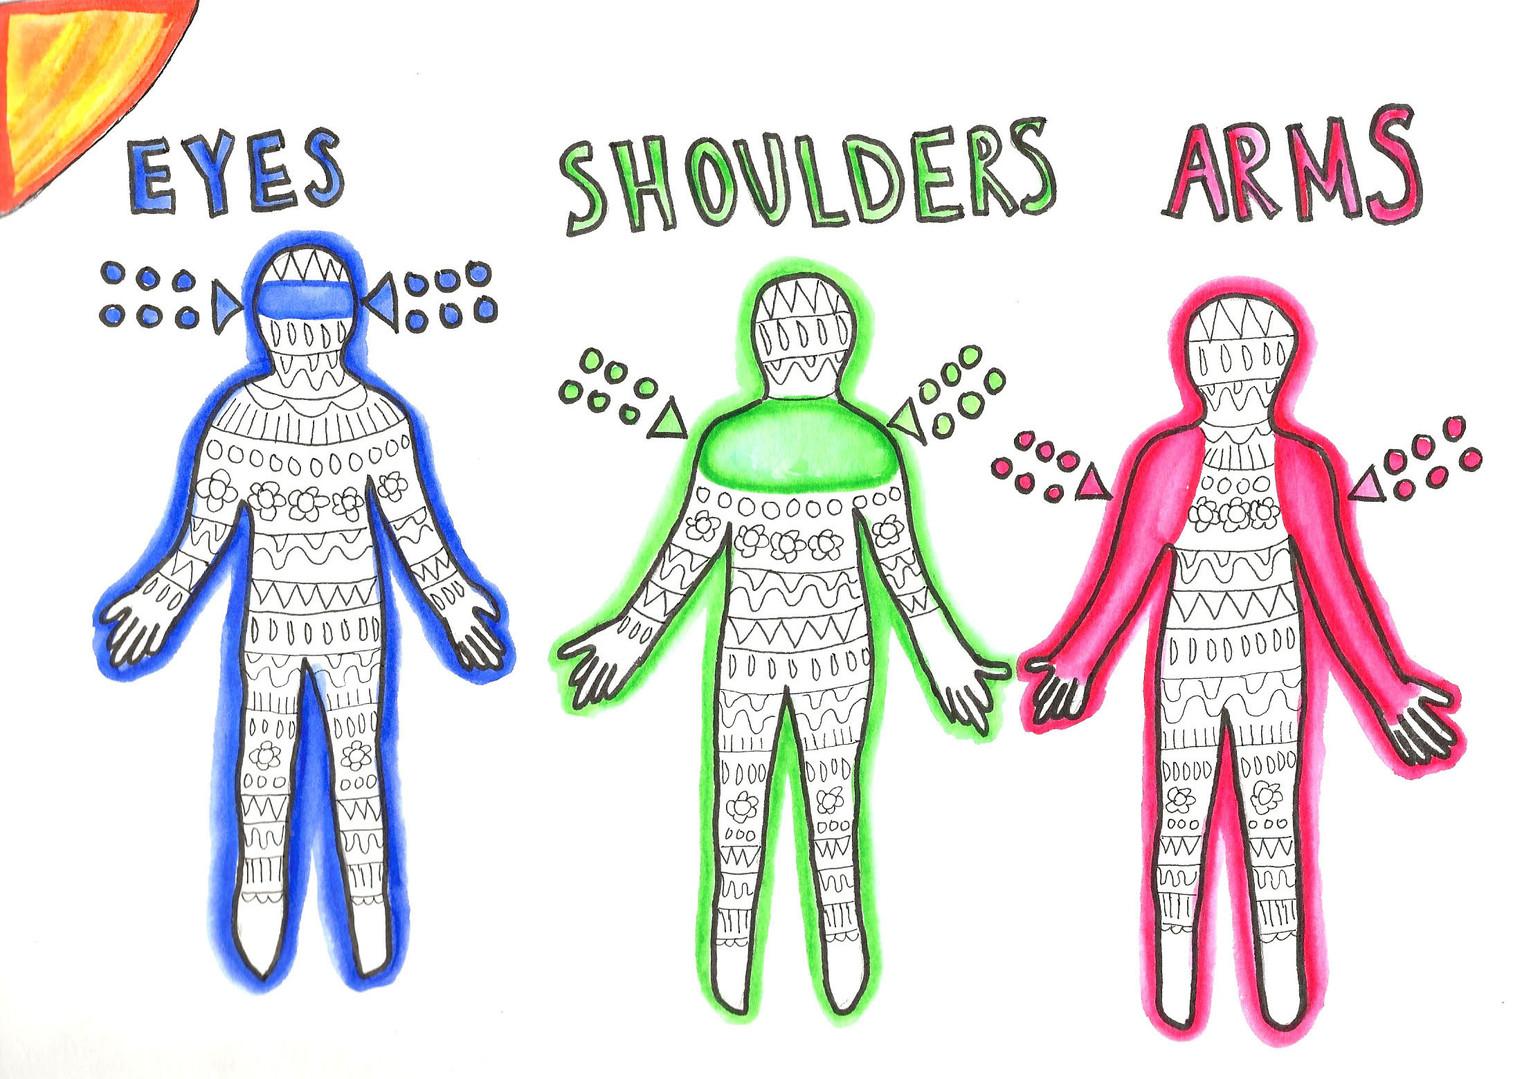 Eyes Shoulders Arms by Jocelyn Fitzgerald